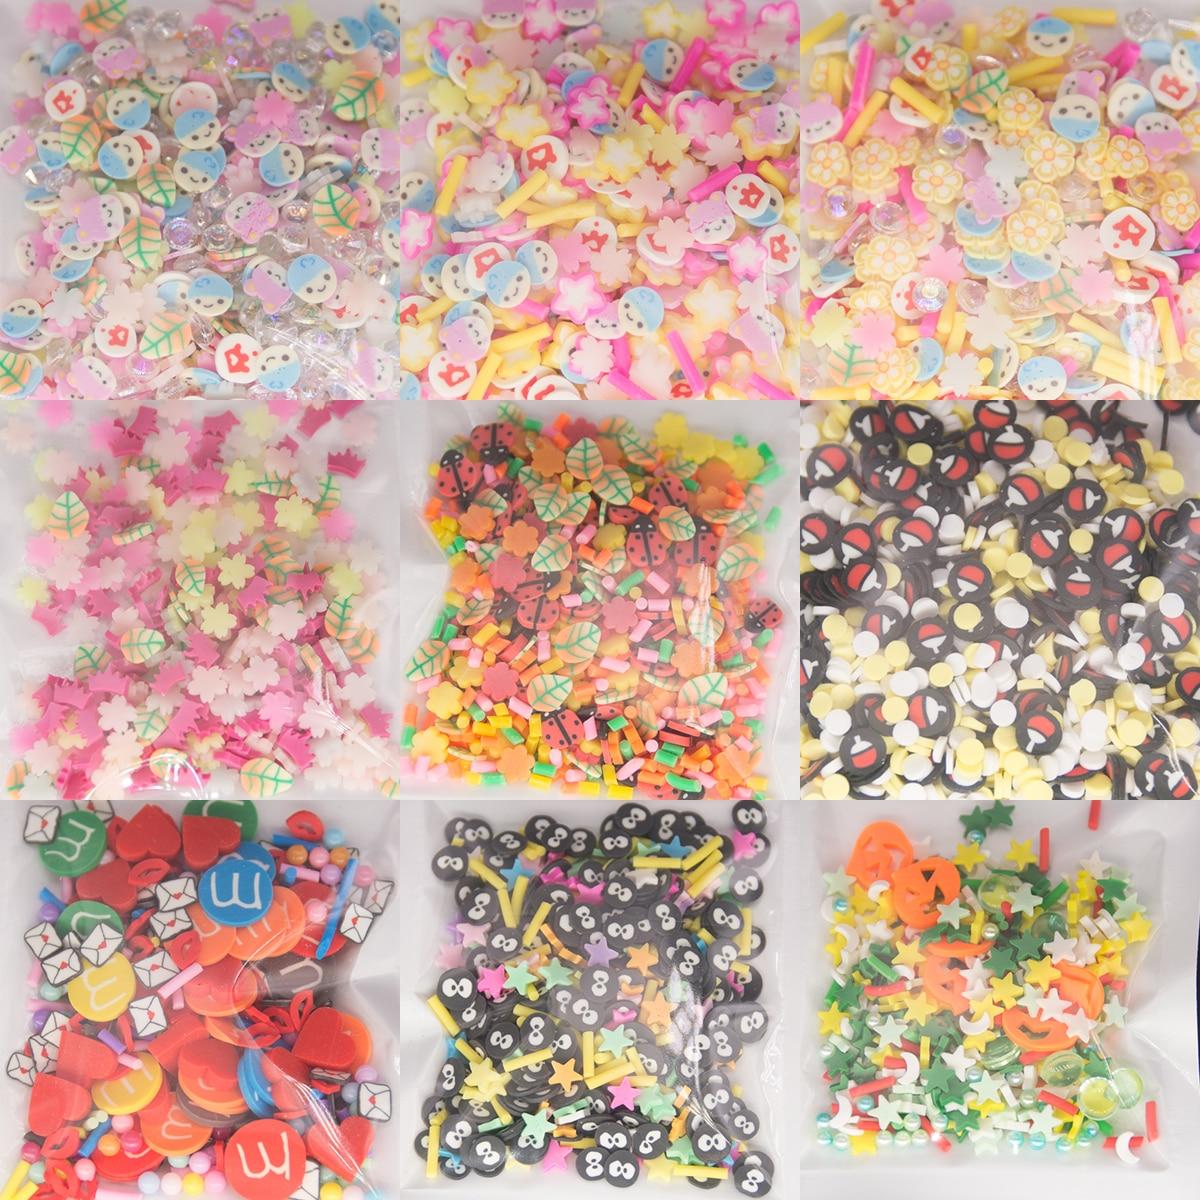 Смешайте с цветным принтом с рисунком вишни для детей от Star полимерные глиняные ломтики посыпка для шлама заполнения эпоксидный чехол для т...